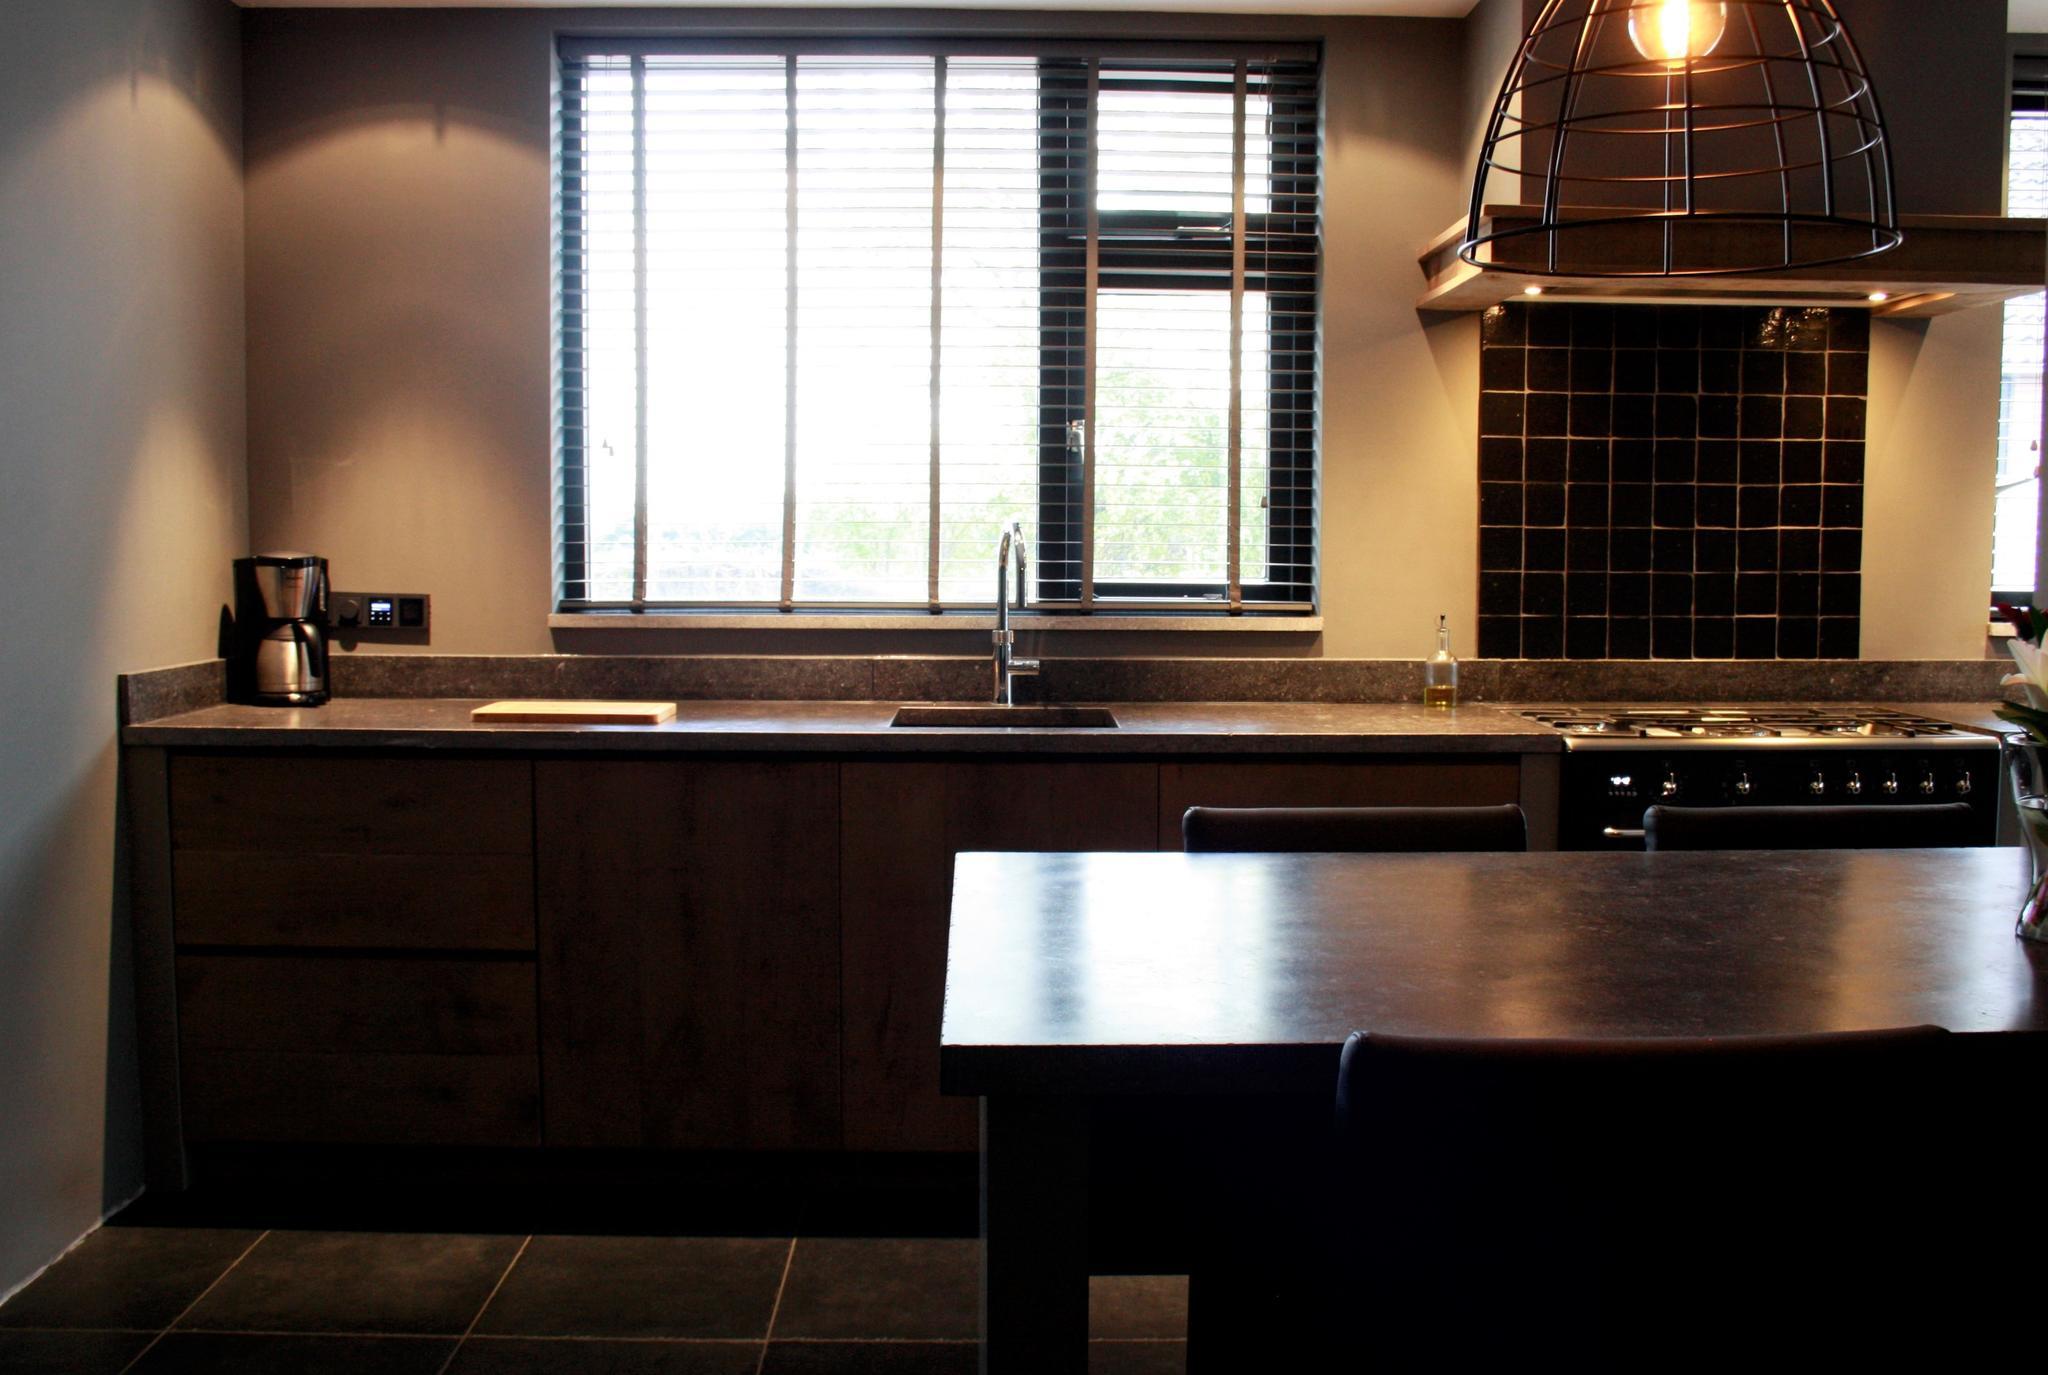 landelijke keuken met belgisch hardsteen - www.renehoutman.nl.jpg